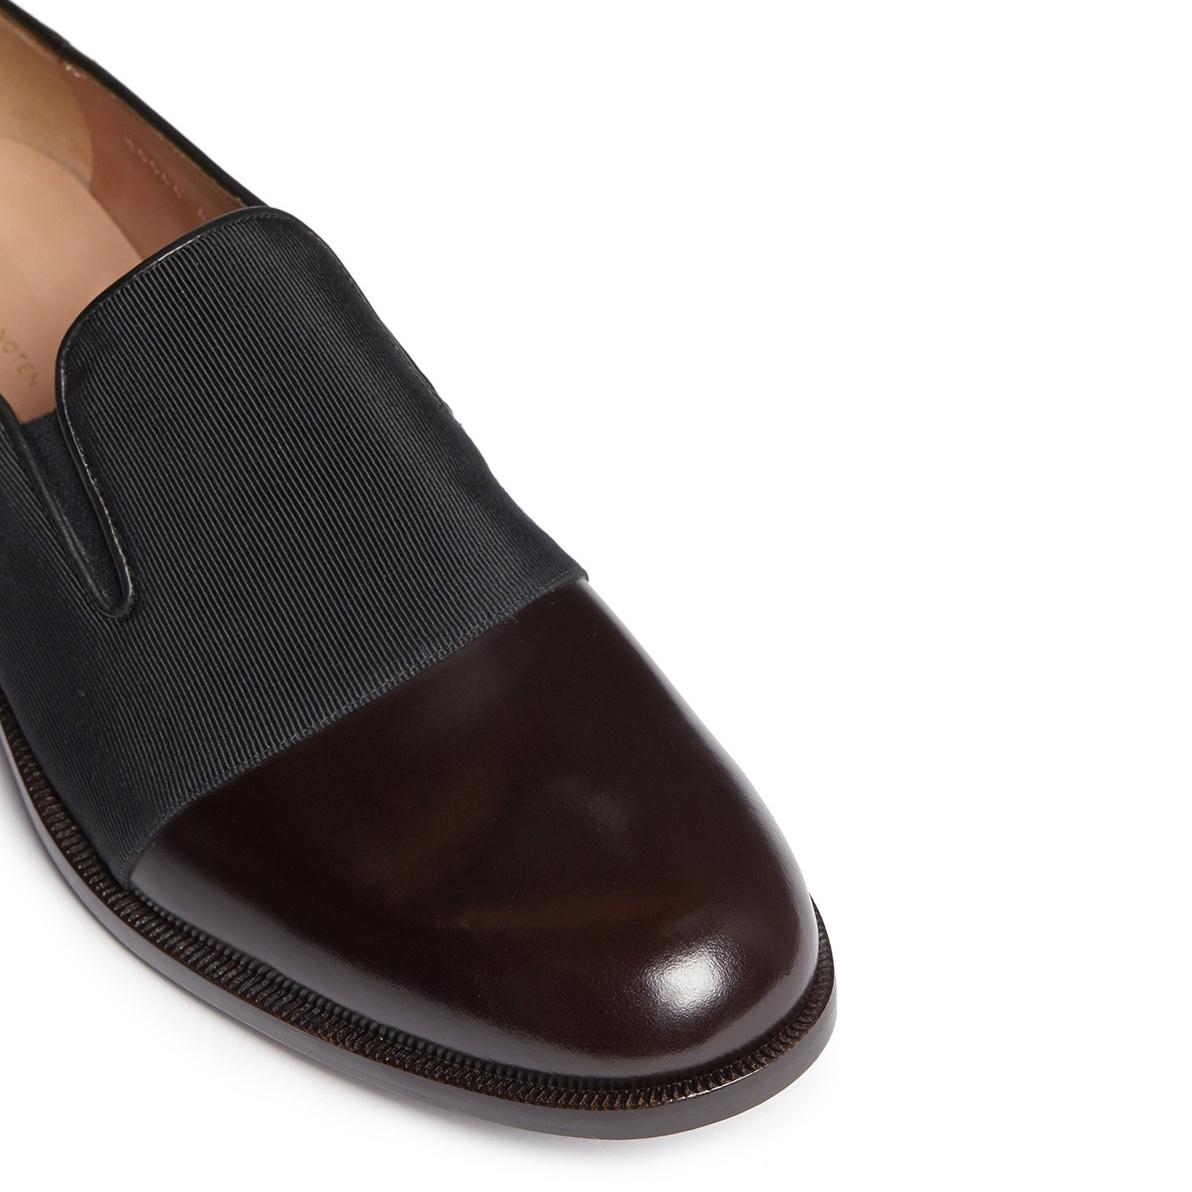 dries-van-noten-red-grosgrain-vamp-leather-slip-ons-product-1-447912568-normal.jpg